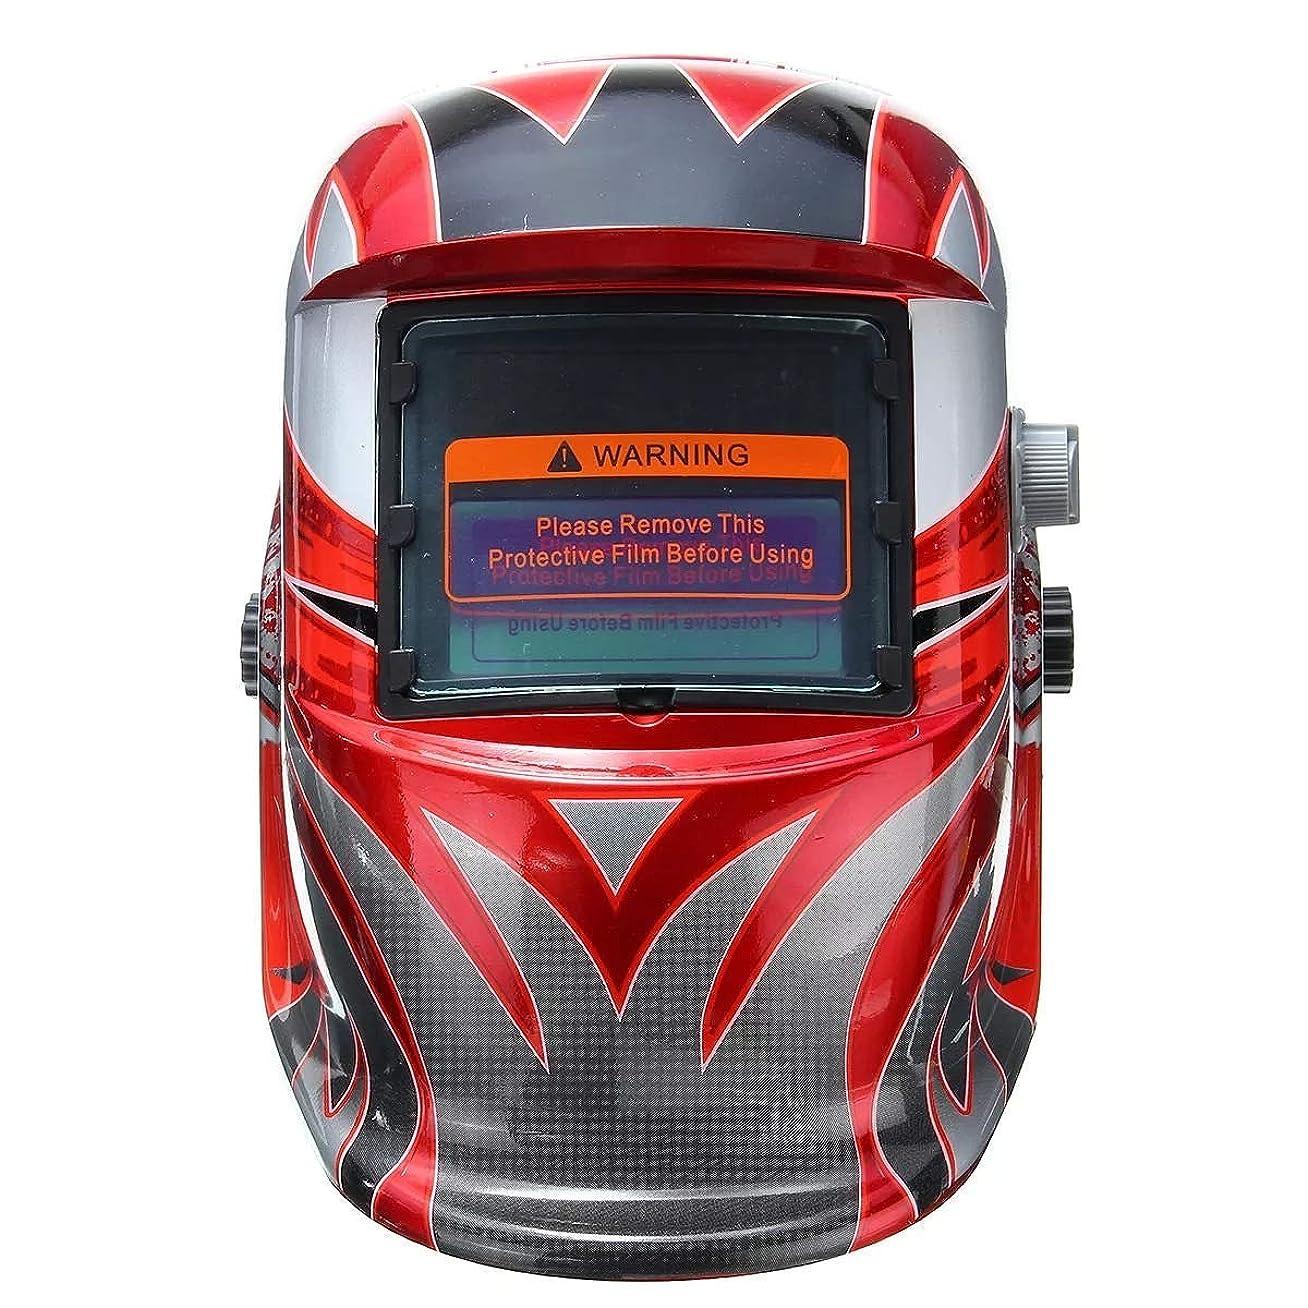 バージンダウンタウン偏差CHUNSHENN 自動遮光溶接ヘルメット プロフェッショナルプロテクトツールのソーラーオート暗く溶接機溶接ヘルメット頭盾研削ヘルメットマスク 溶接マスク